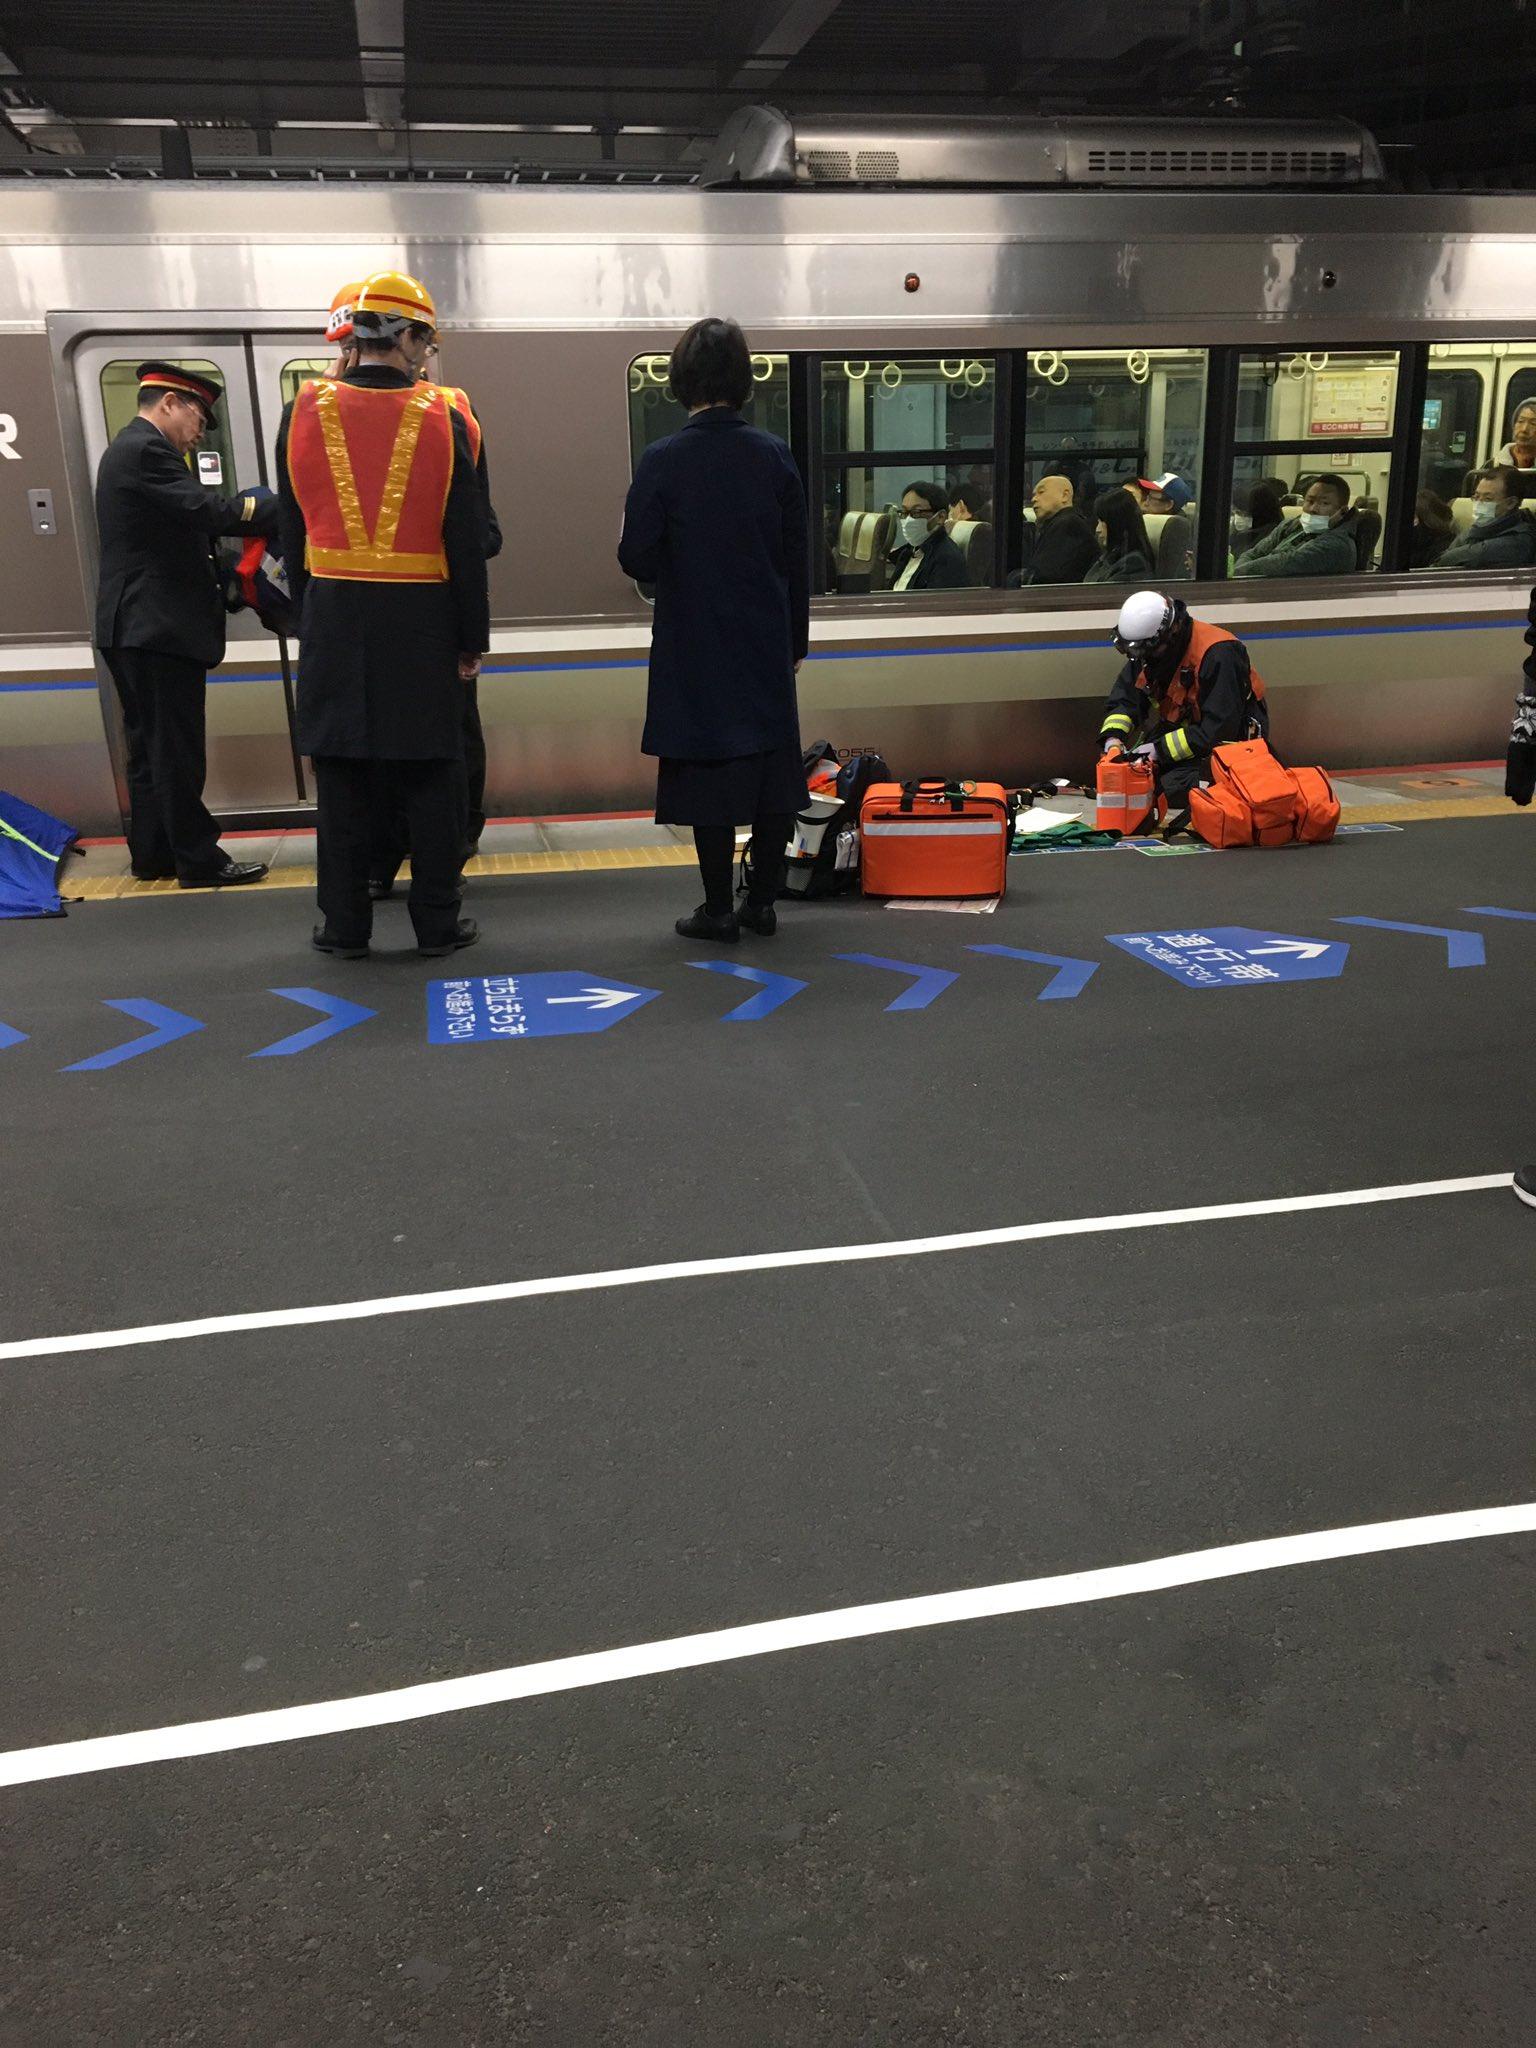 JR京都線の茨木駅の人身事故で救急隊が到着している現場の画像